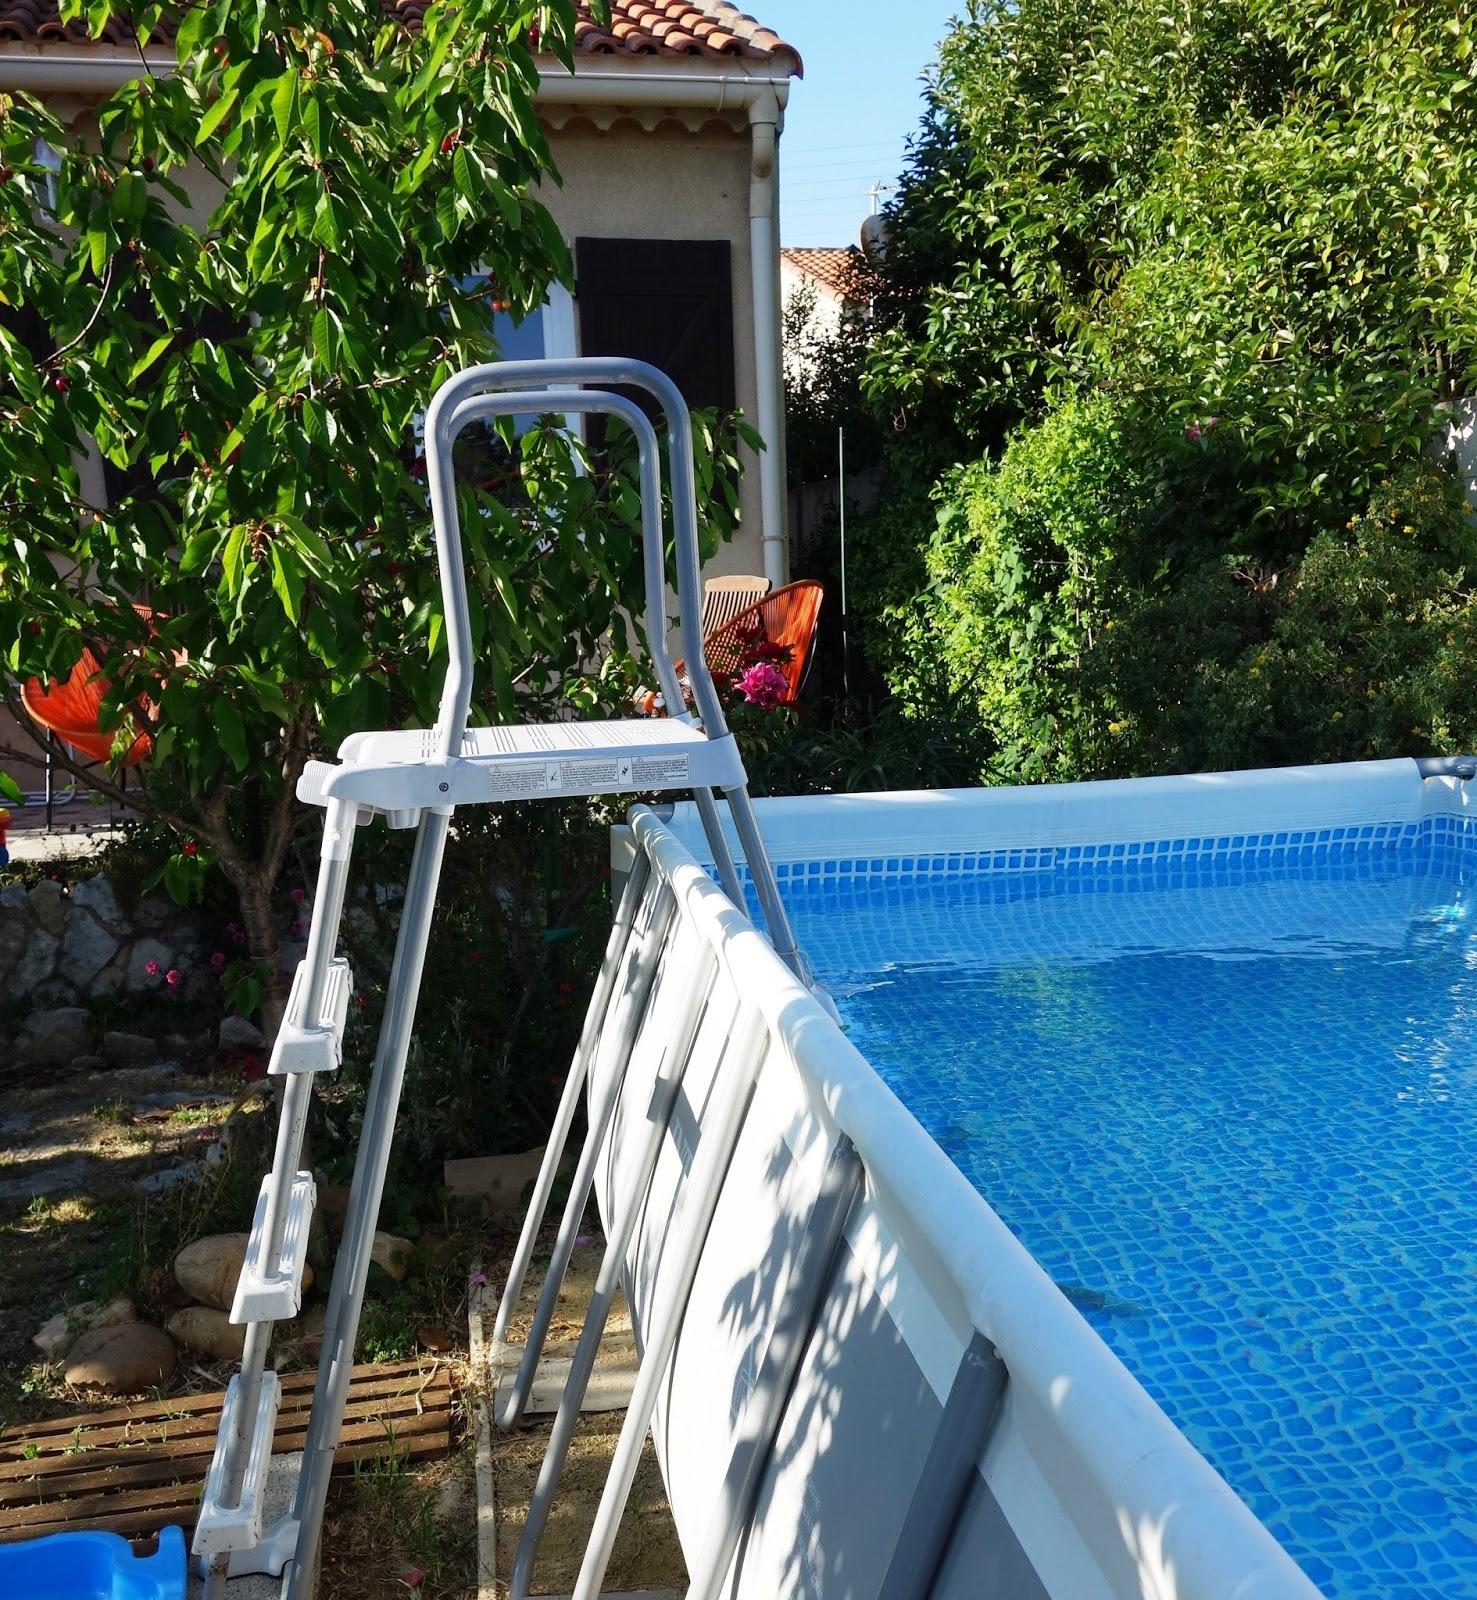 Deco piscine hors sol tubulaire - Amenagement exterieur piscine hors sol ...